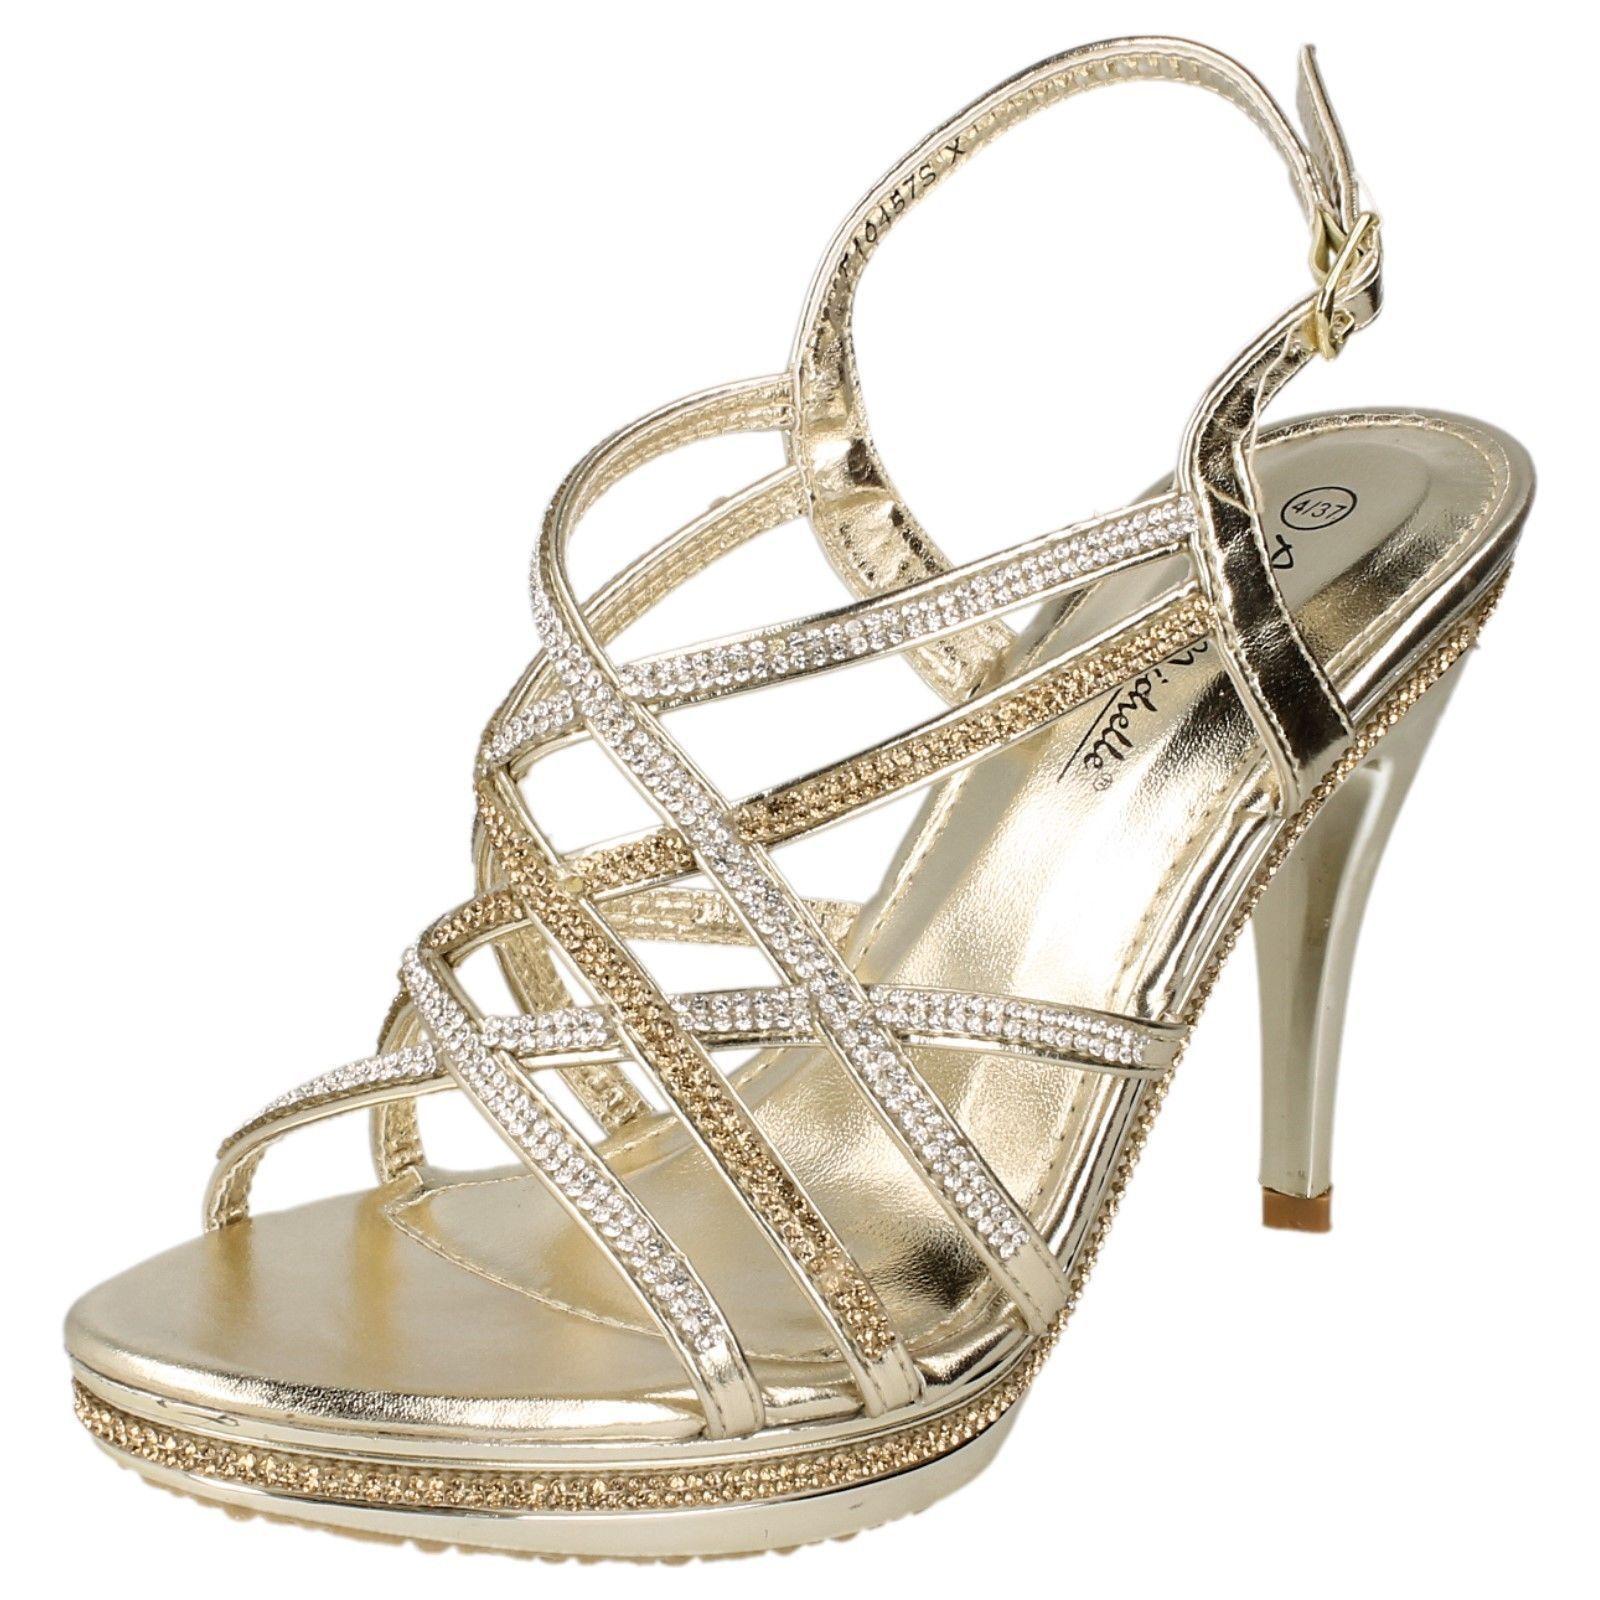 las señoras De Anne Michelle Dorado Tacones Diamante Sandalias De señoras Boda Noche Talla 1957b1